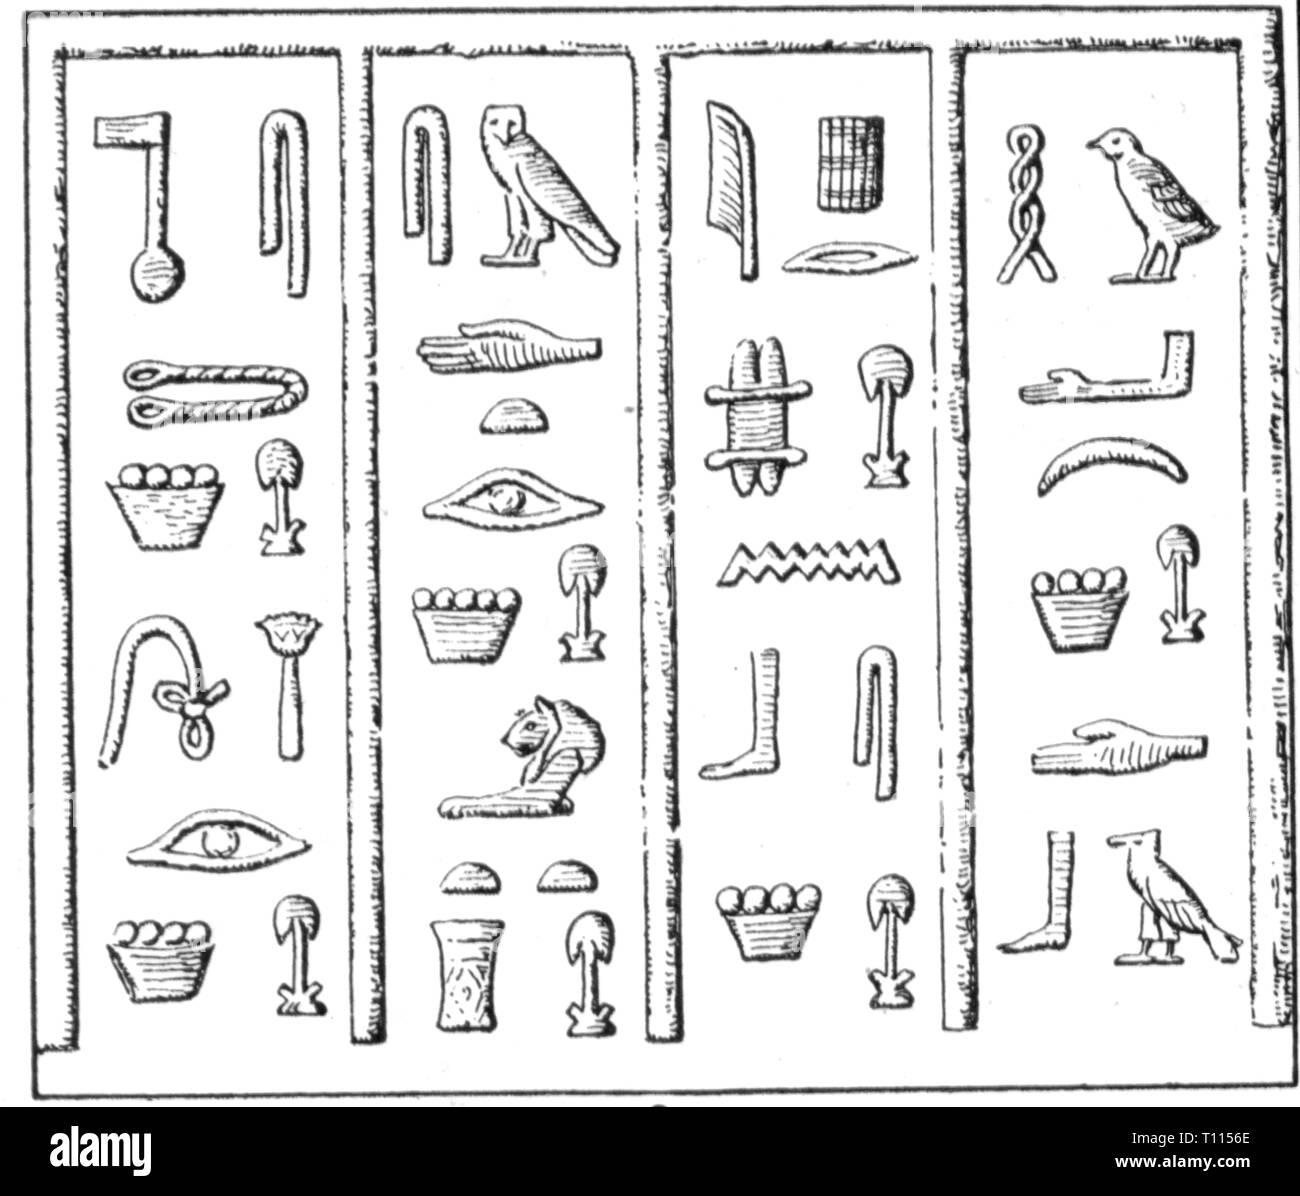 Ägyptisches alphabet zum ausdrucken  mein altagypten